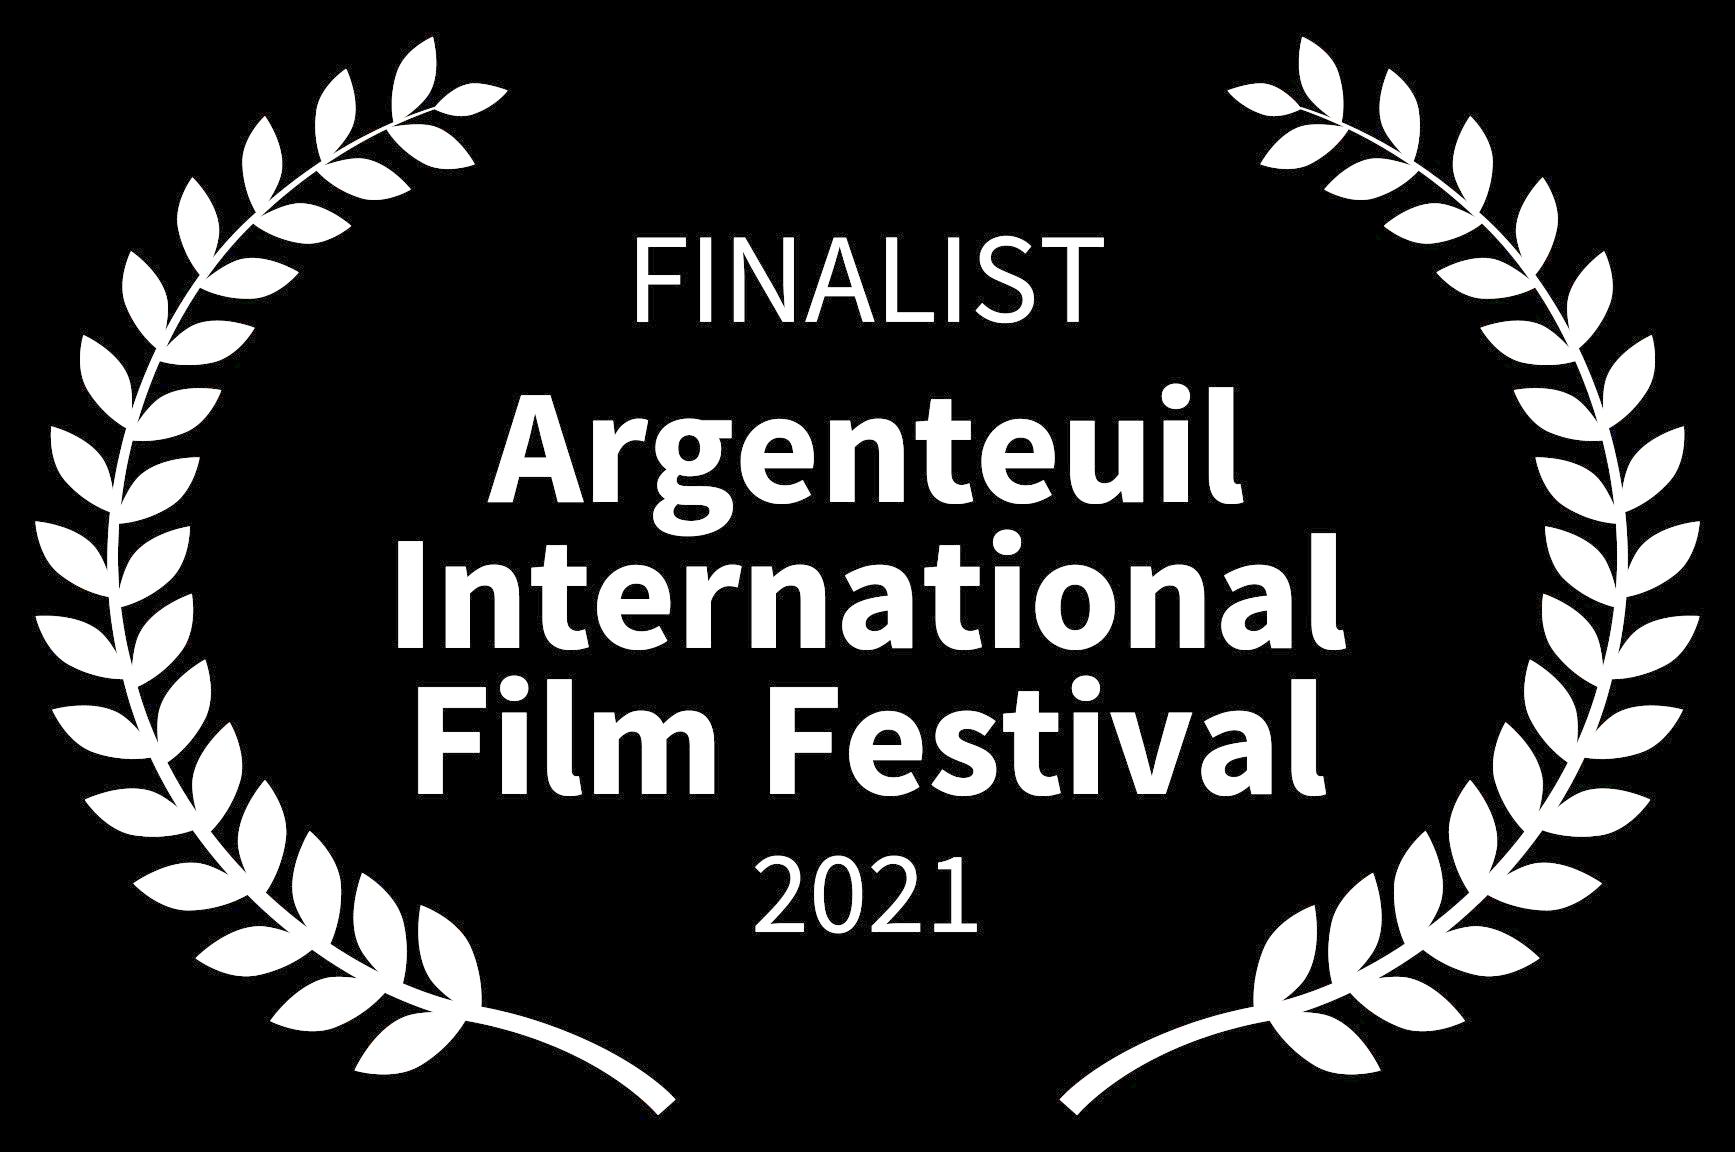 Finalist Argenteuil Int Film Festival